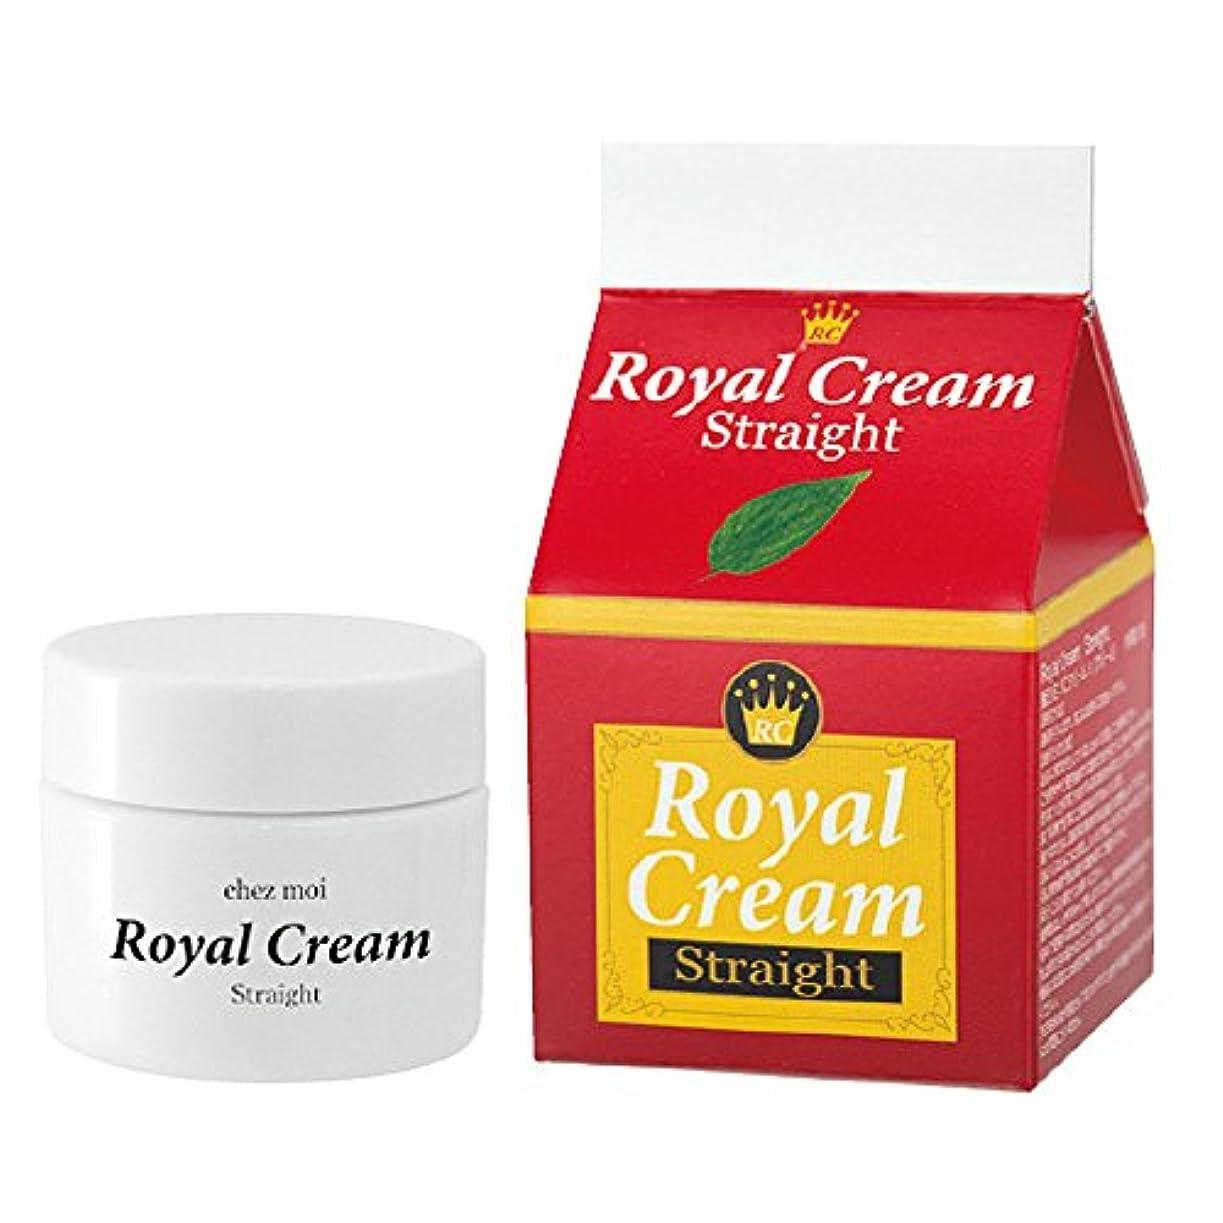 止まる指令レイシェモア Royal Cream Straight(ロイヤルクリームストレート) 30g